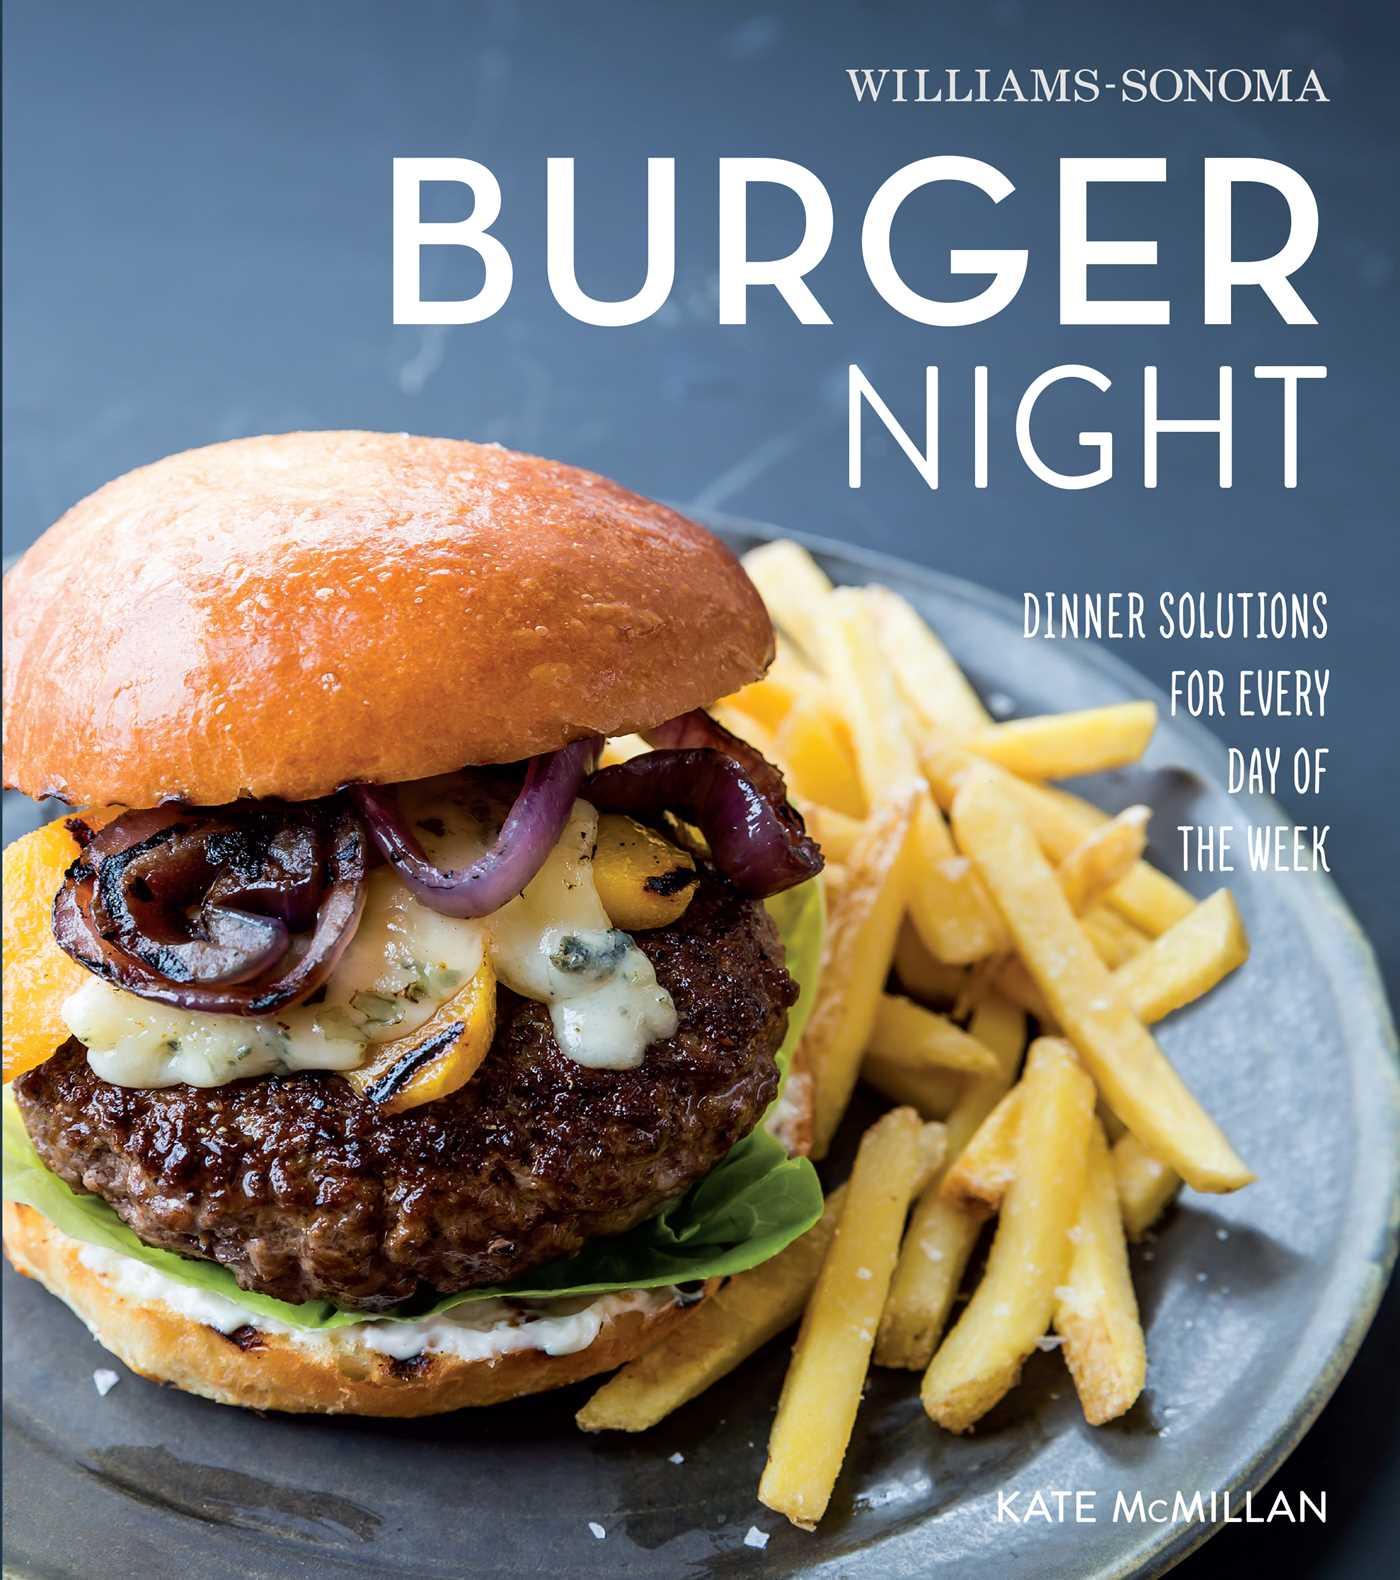 Burger night williams sonoma 9781616287344 hr